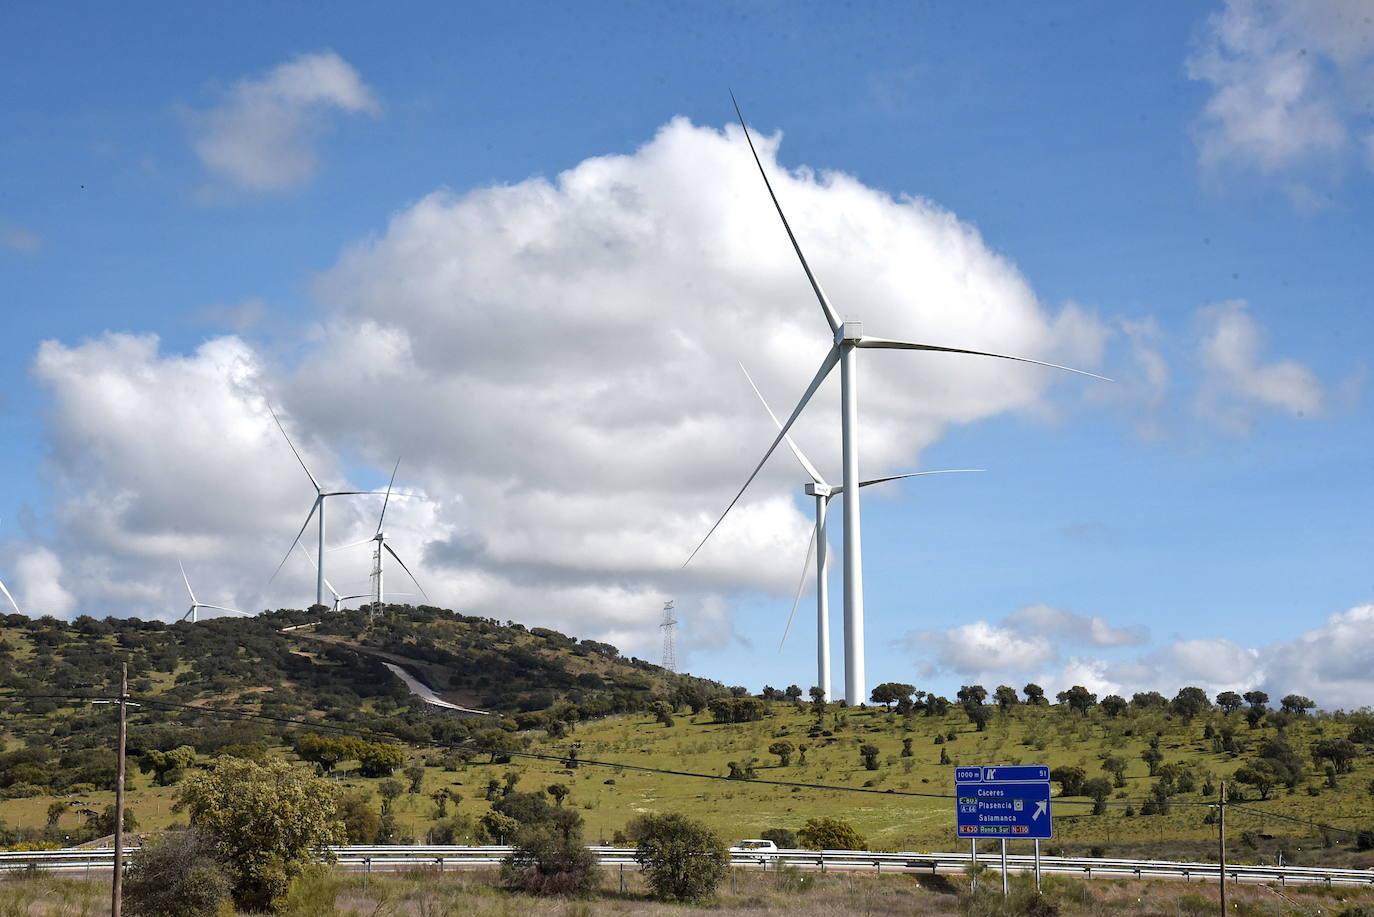 Publicada la solicitud de autorización administrativa y de impacto ambiental del segundo parque eólico en Plasencia